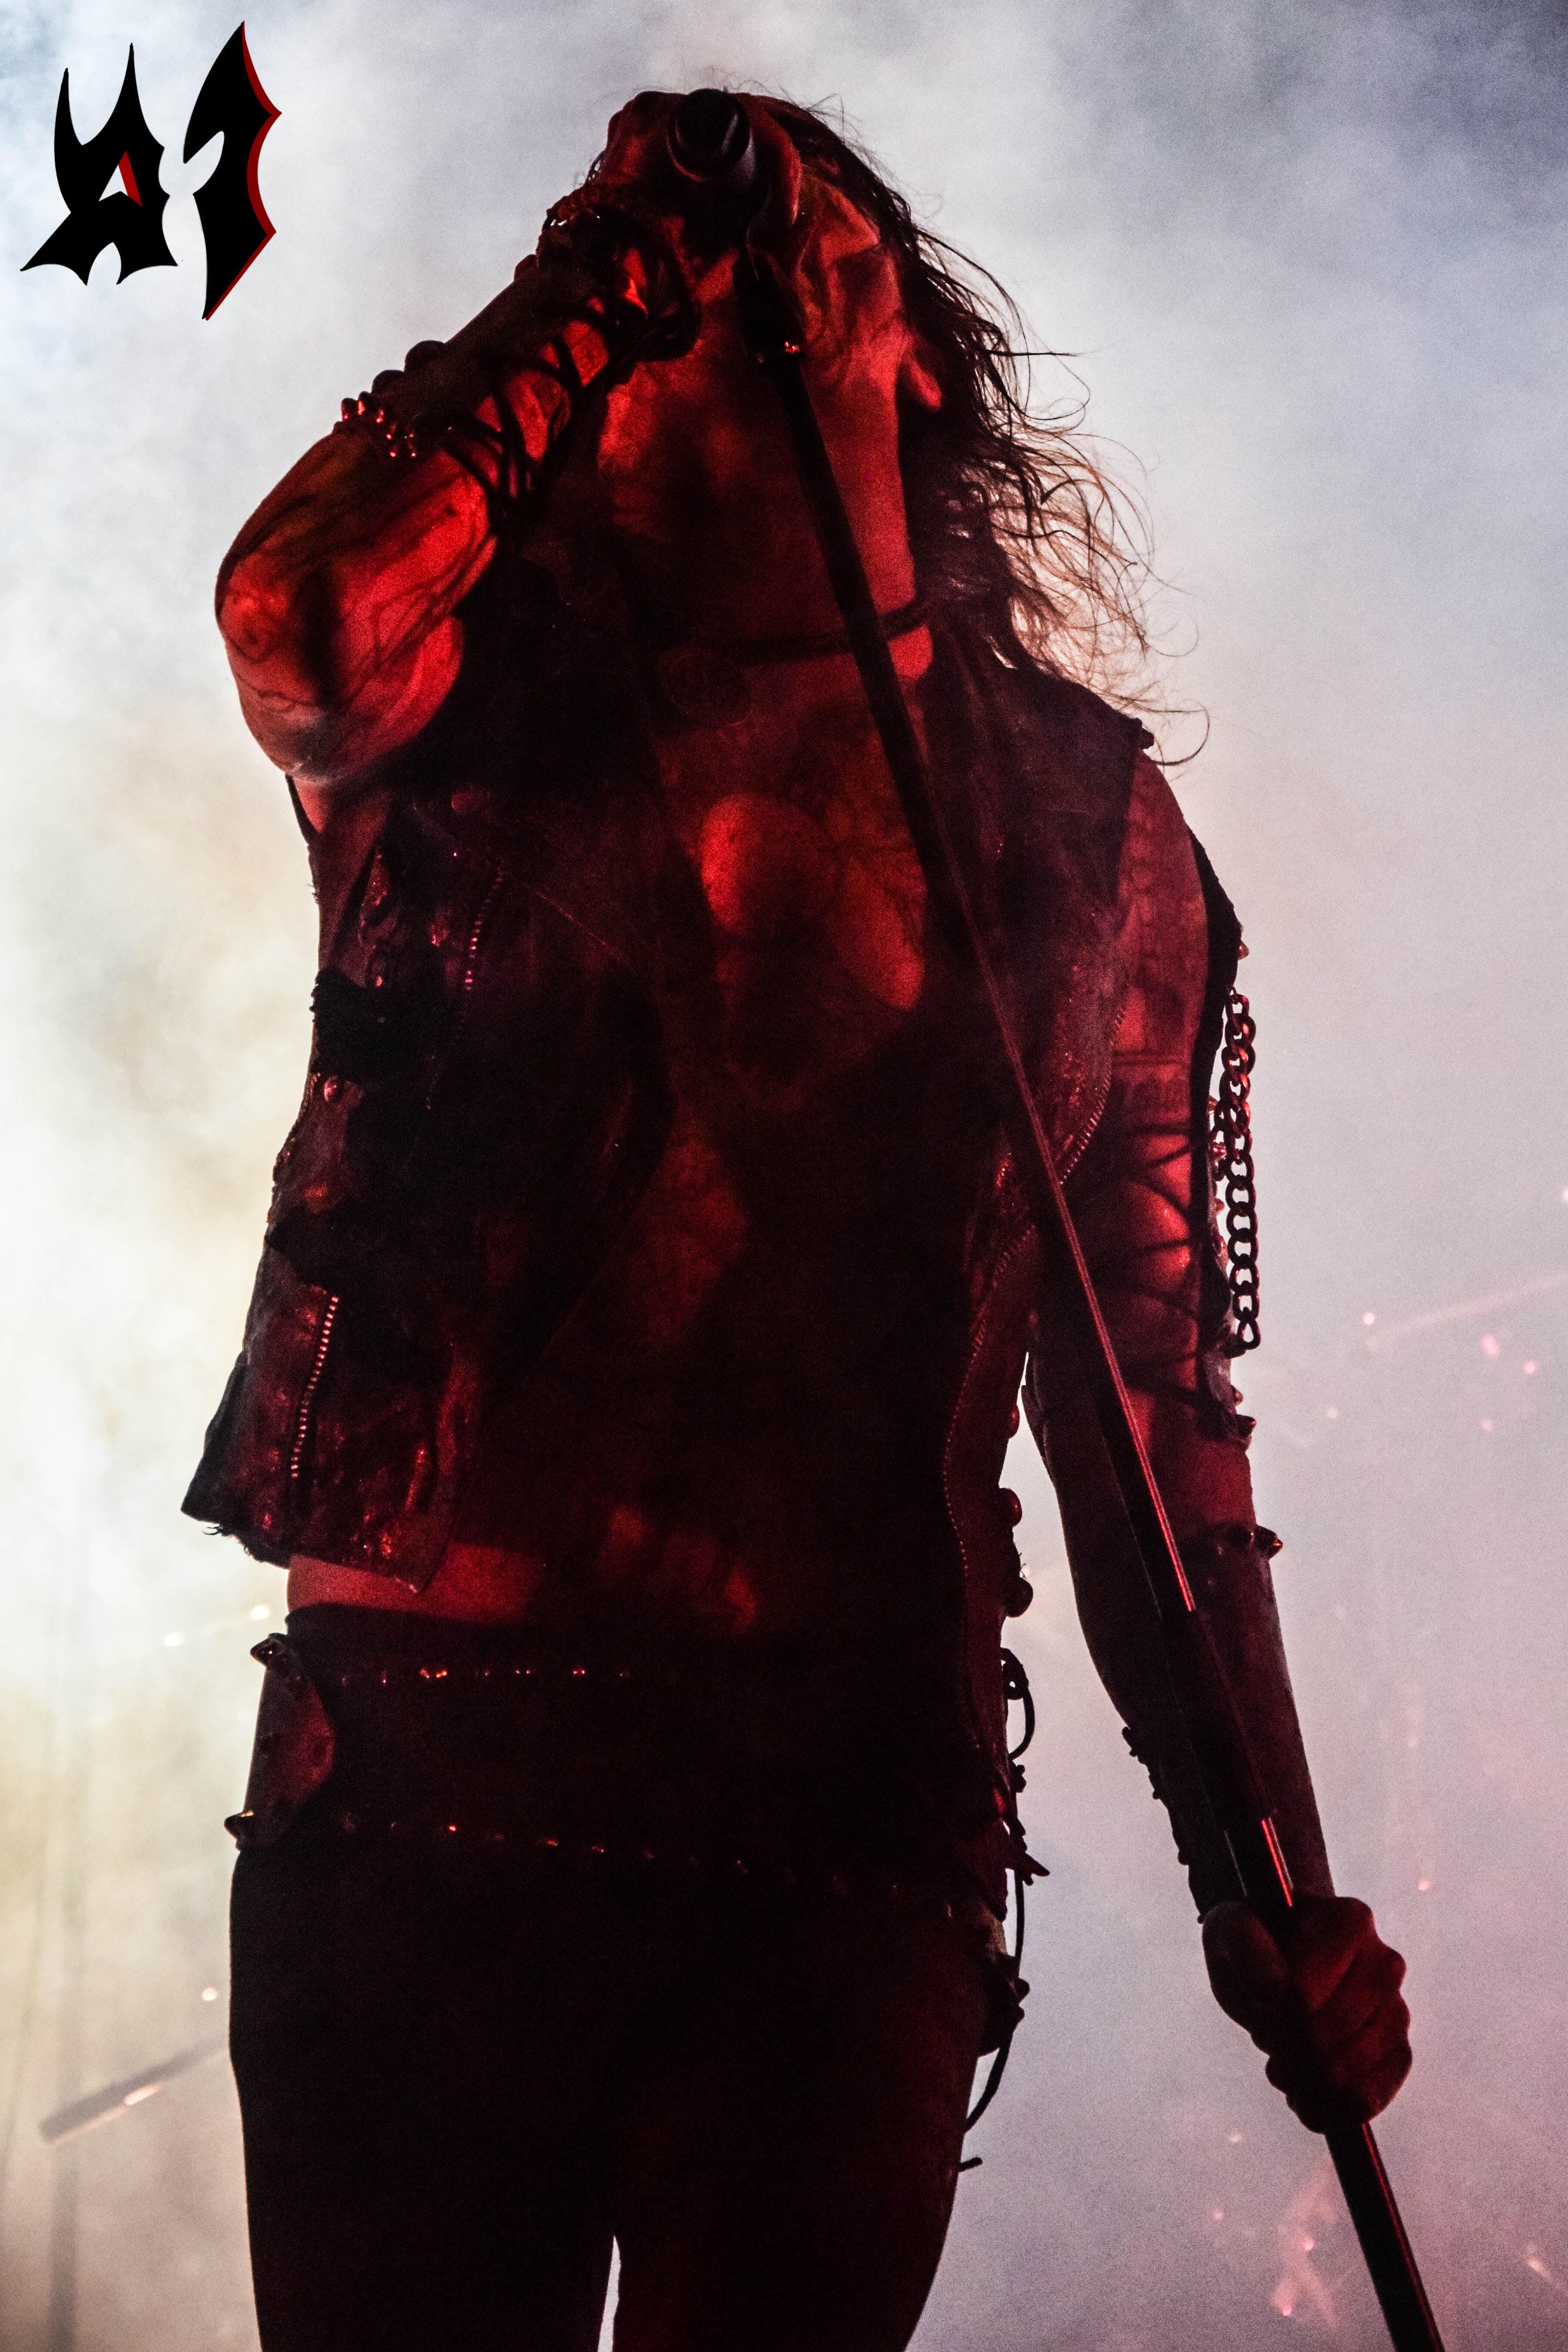 Hellfest - Jour 2 - Watain 11